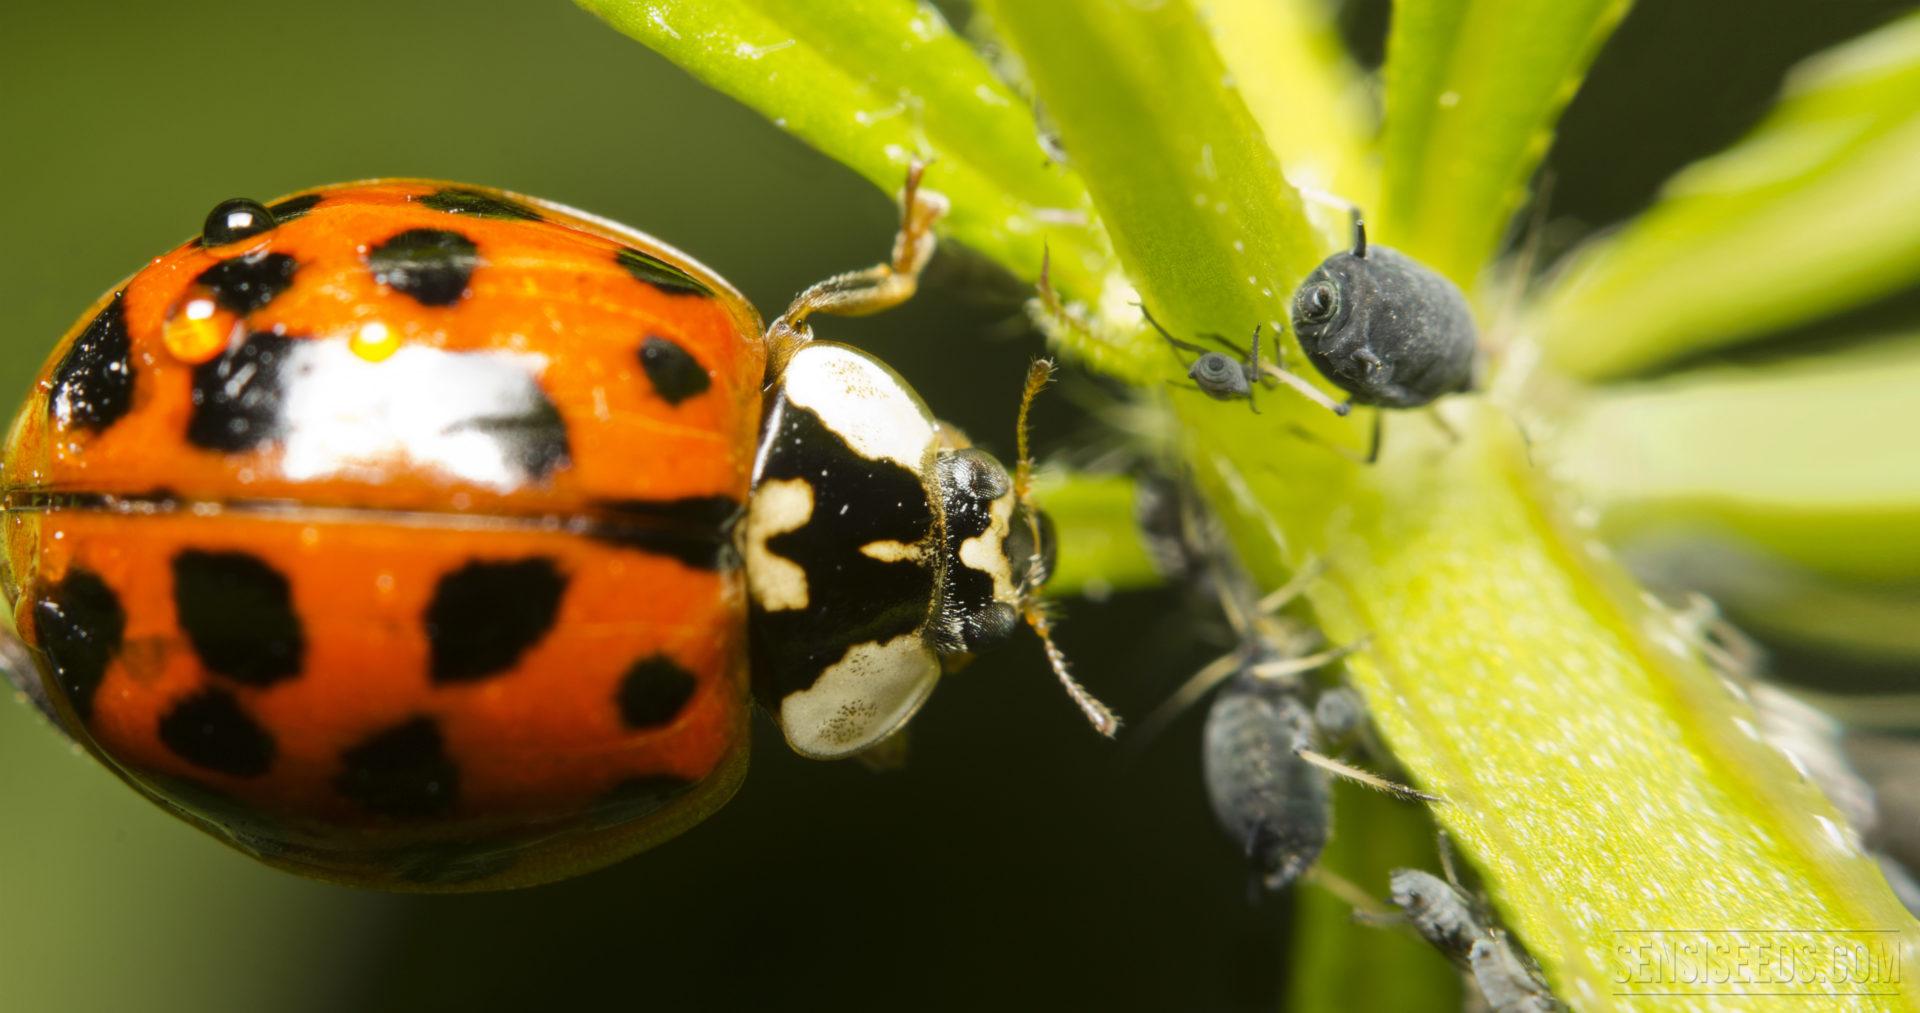 Top Tipps für die Vermeidung von Outdoor-Schädlingen - Sensi Seeds